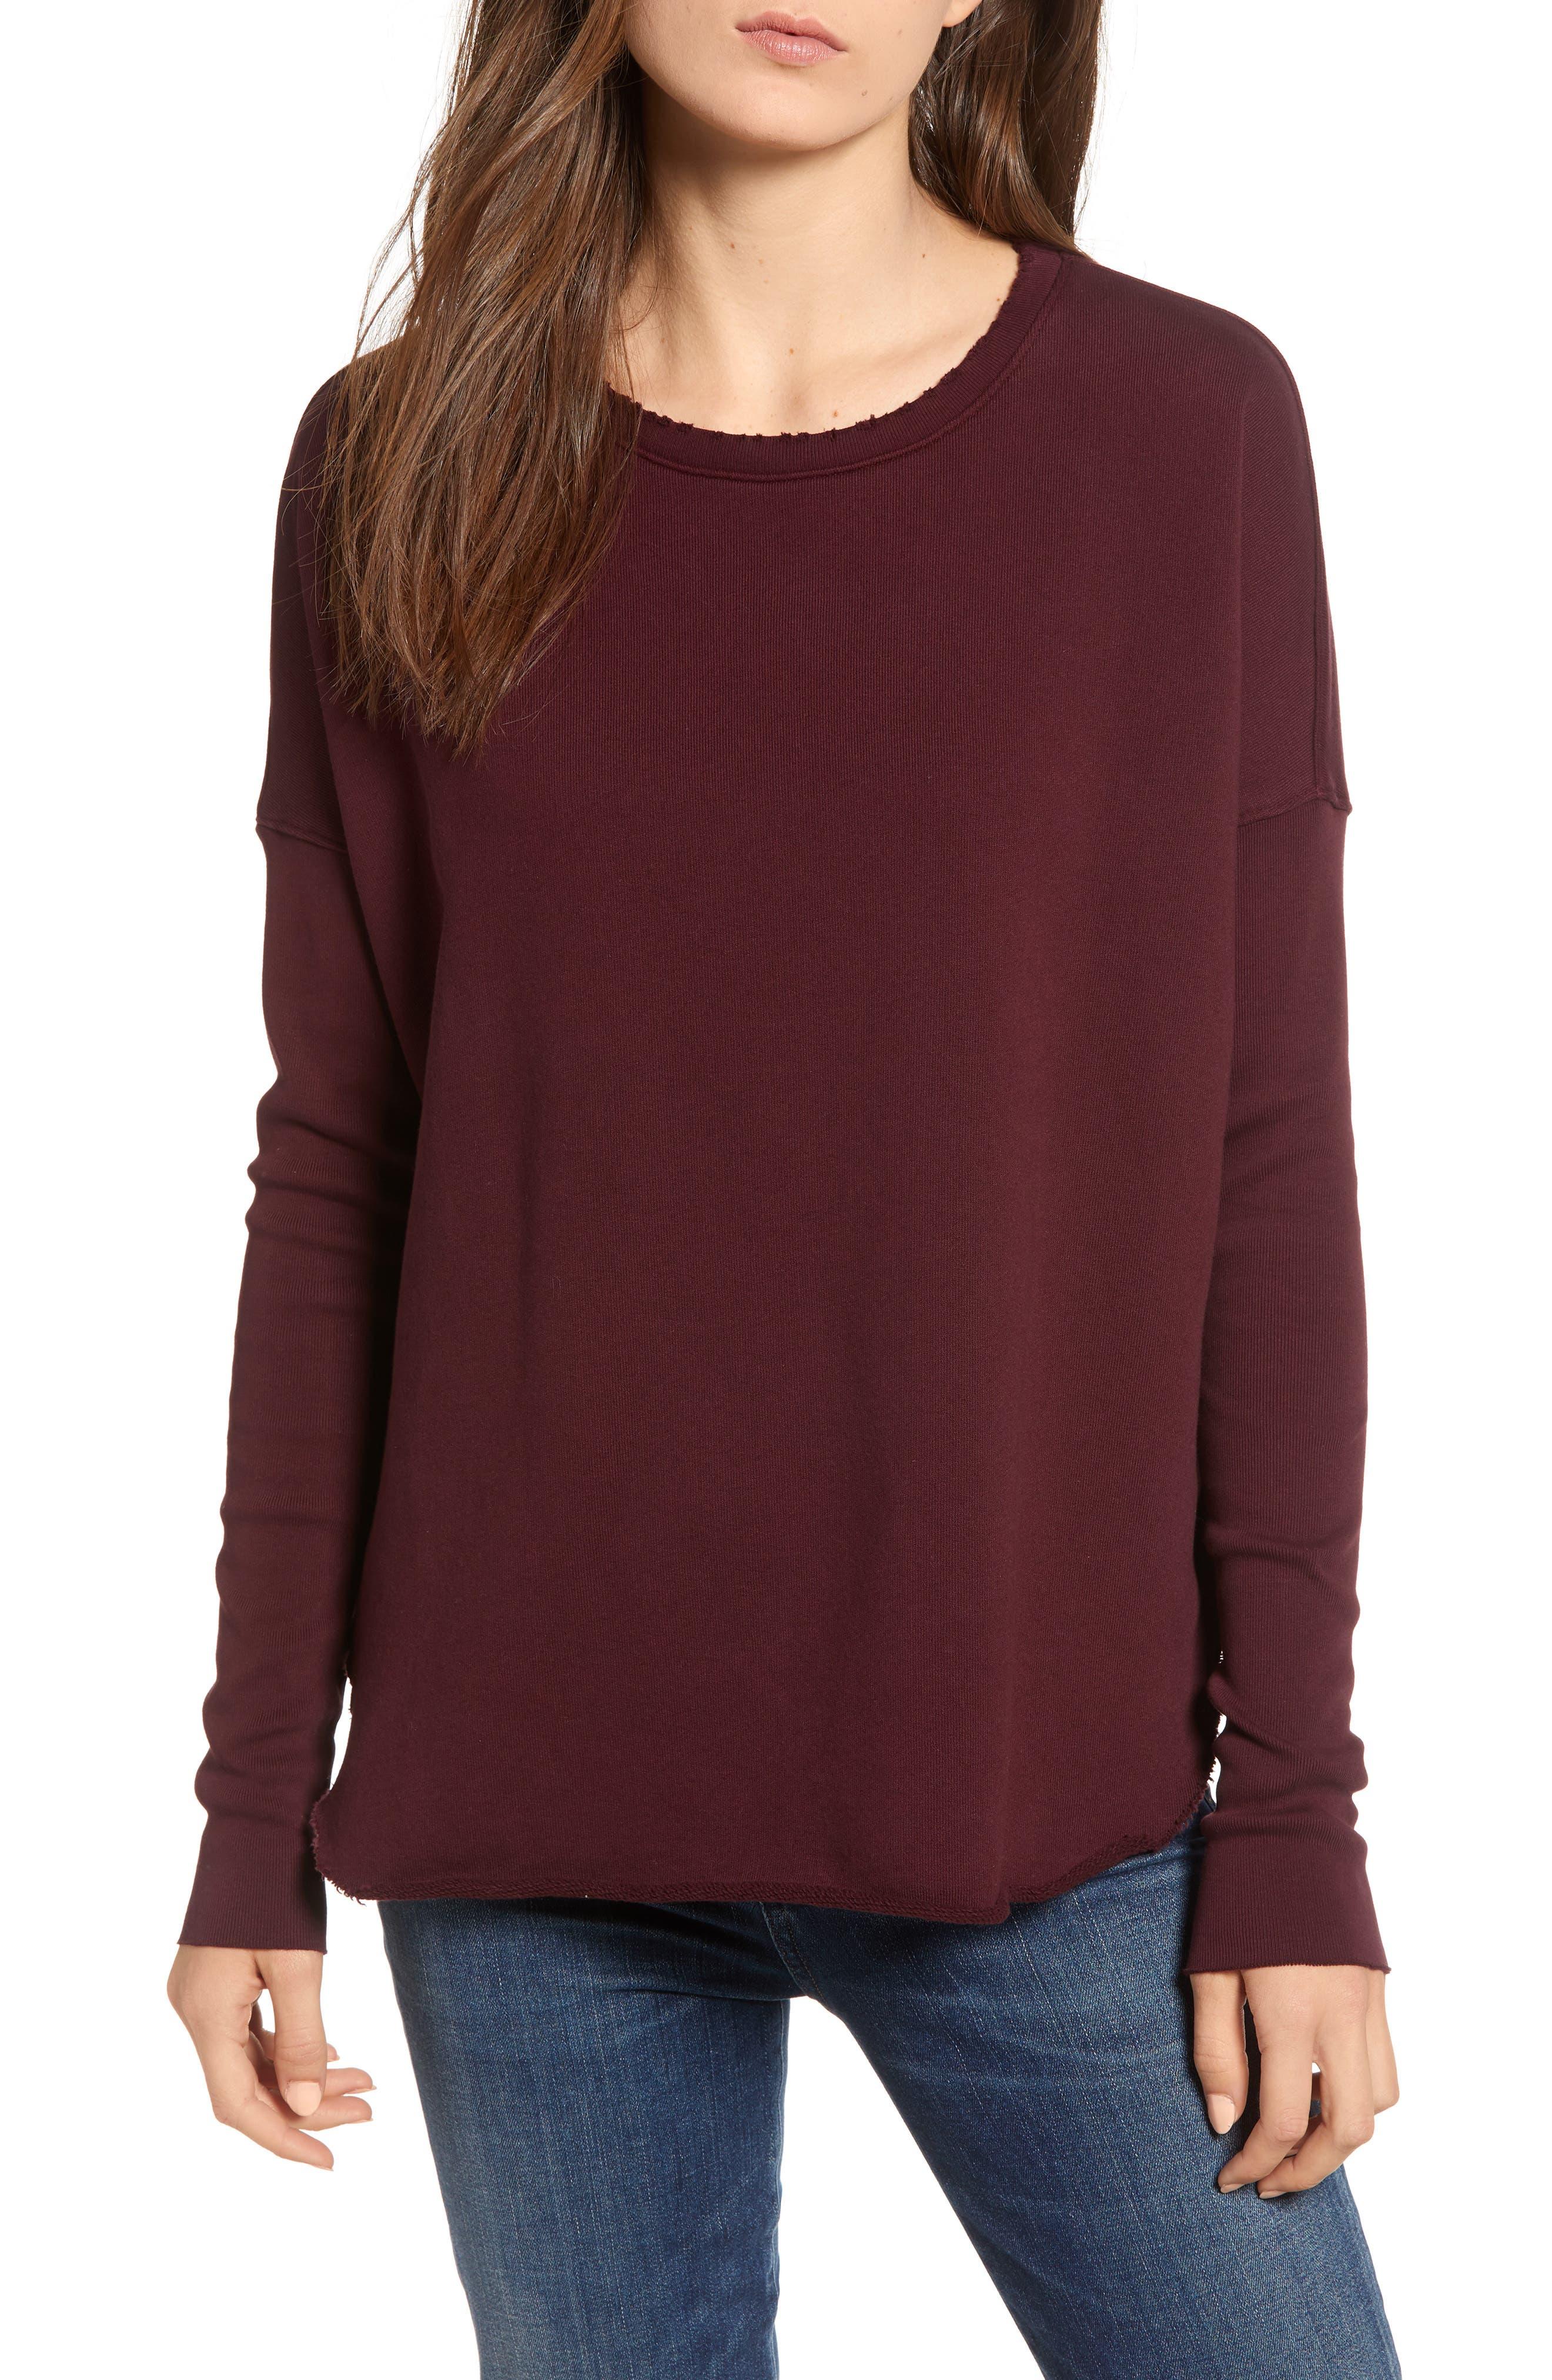 Long-Sleeve High-Low Cotton Fleece Sweatshirt in Vamp